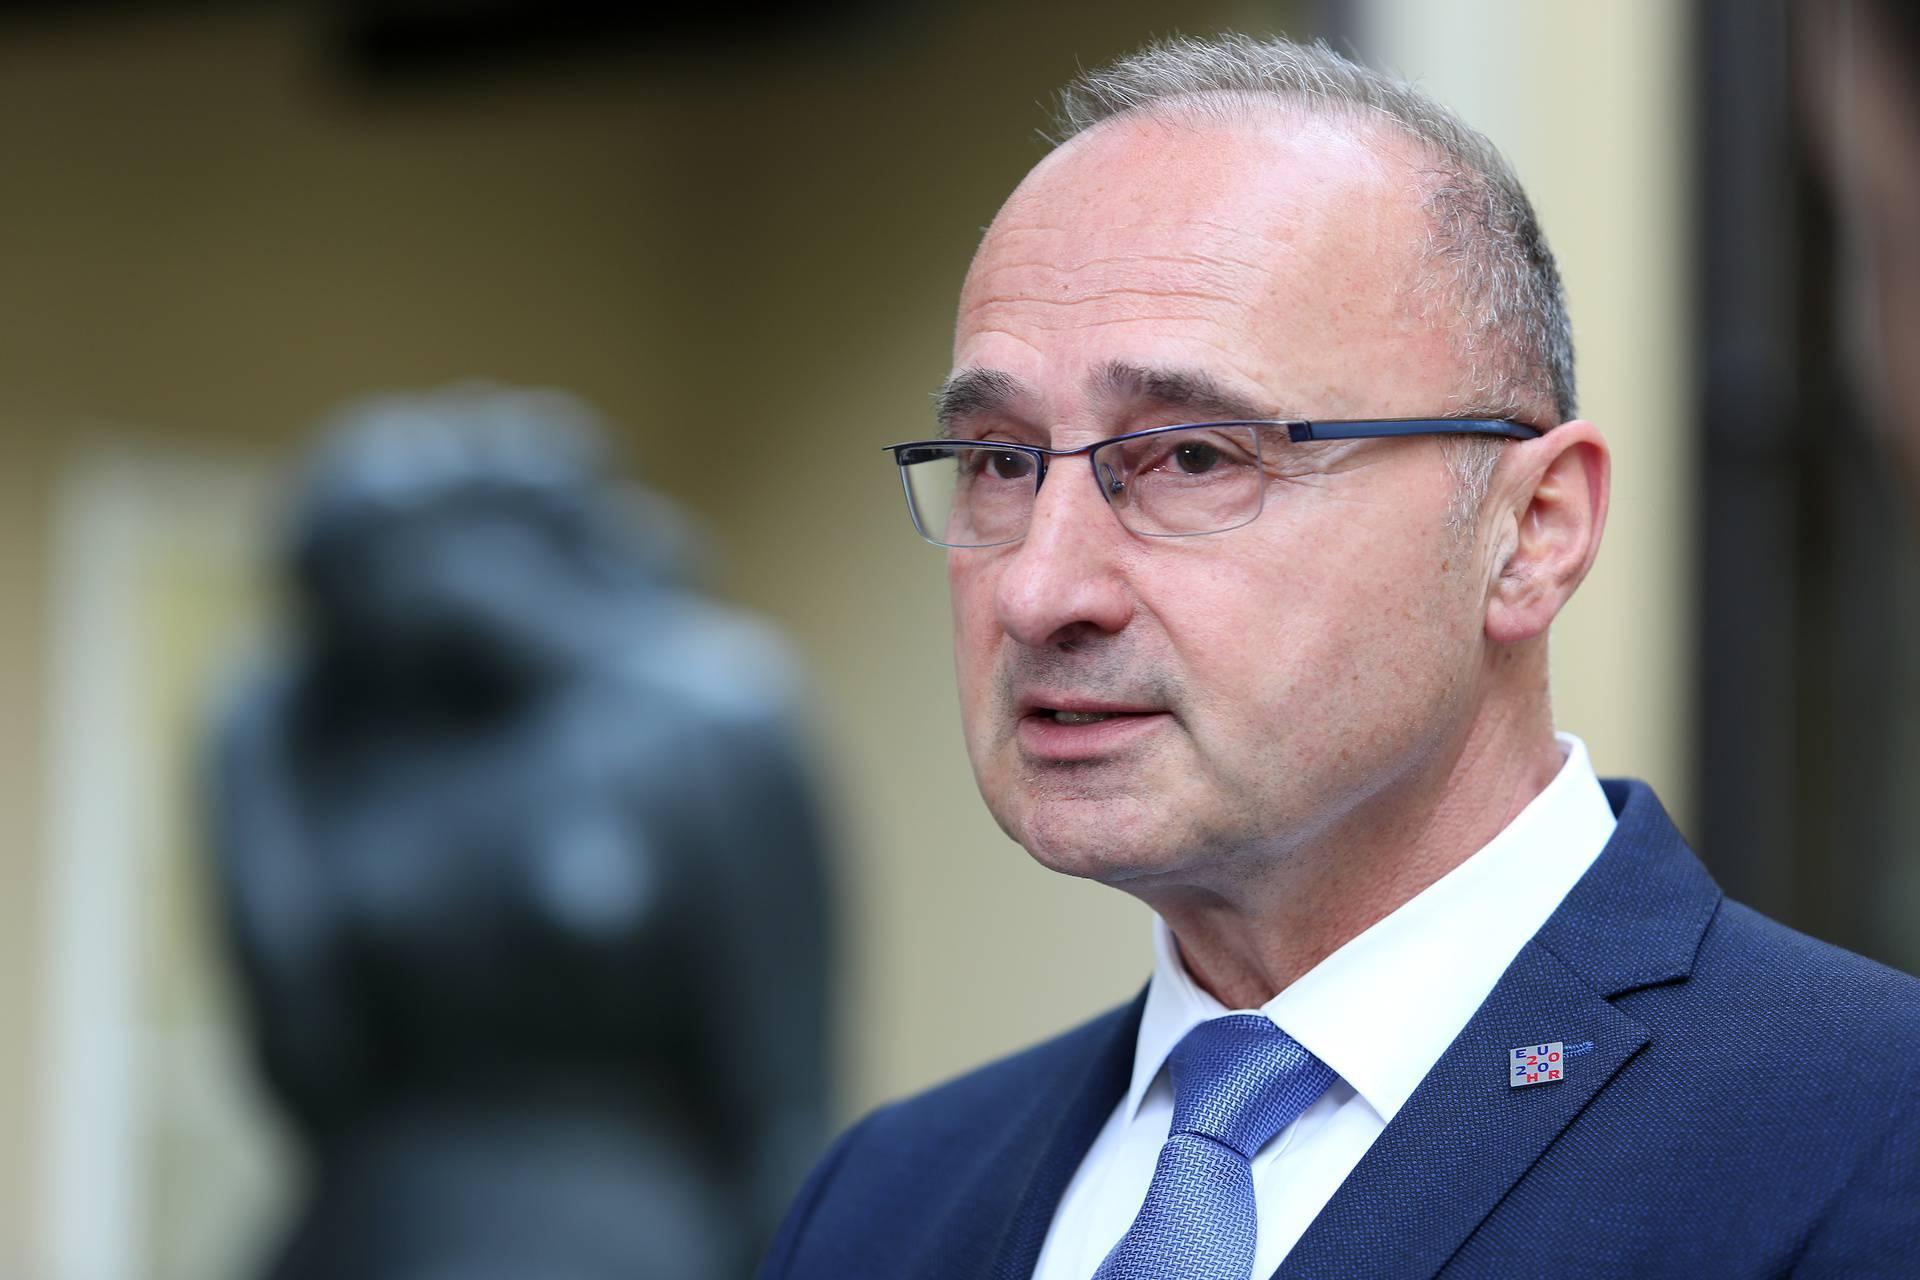 Fokus odnosa Hrvatske i Srbije ostaju nestali i položaj manjina